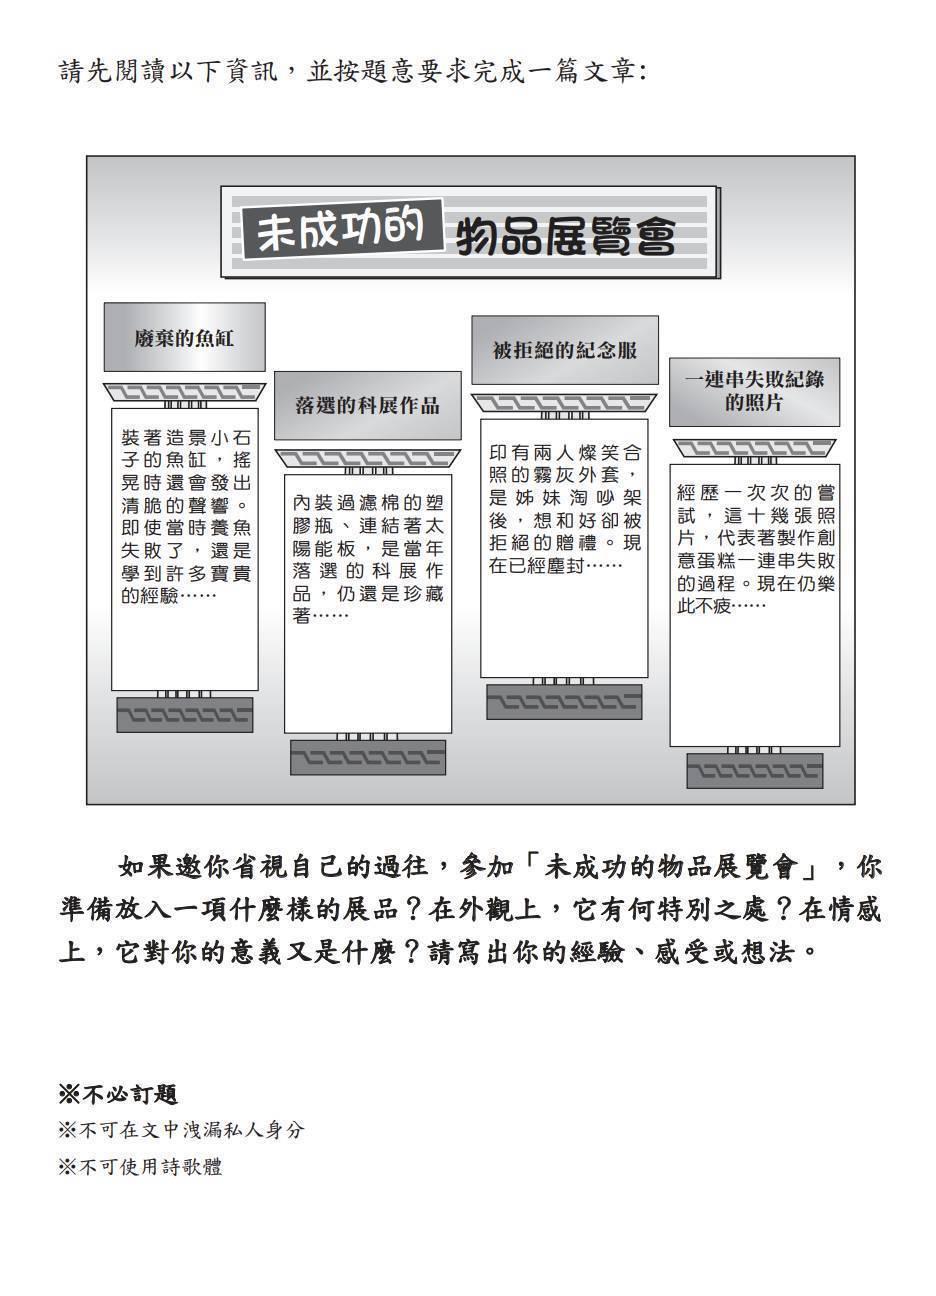 國中教育會考今早公布成績,今年國文寫作測驗題目為「未成功的物品展覽會」,透過圖文...